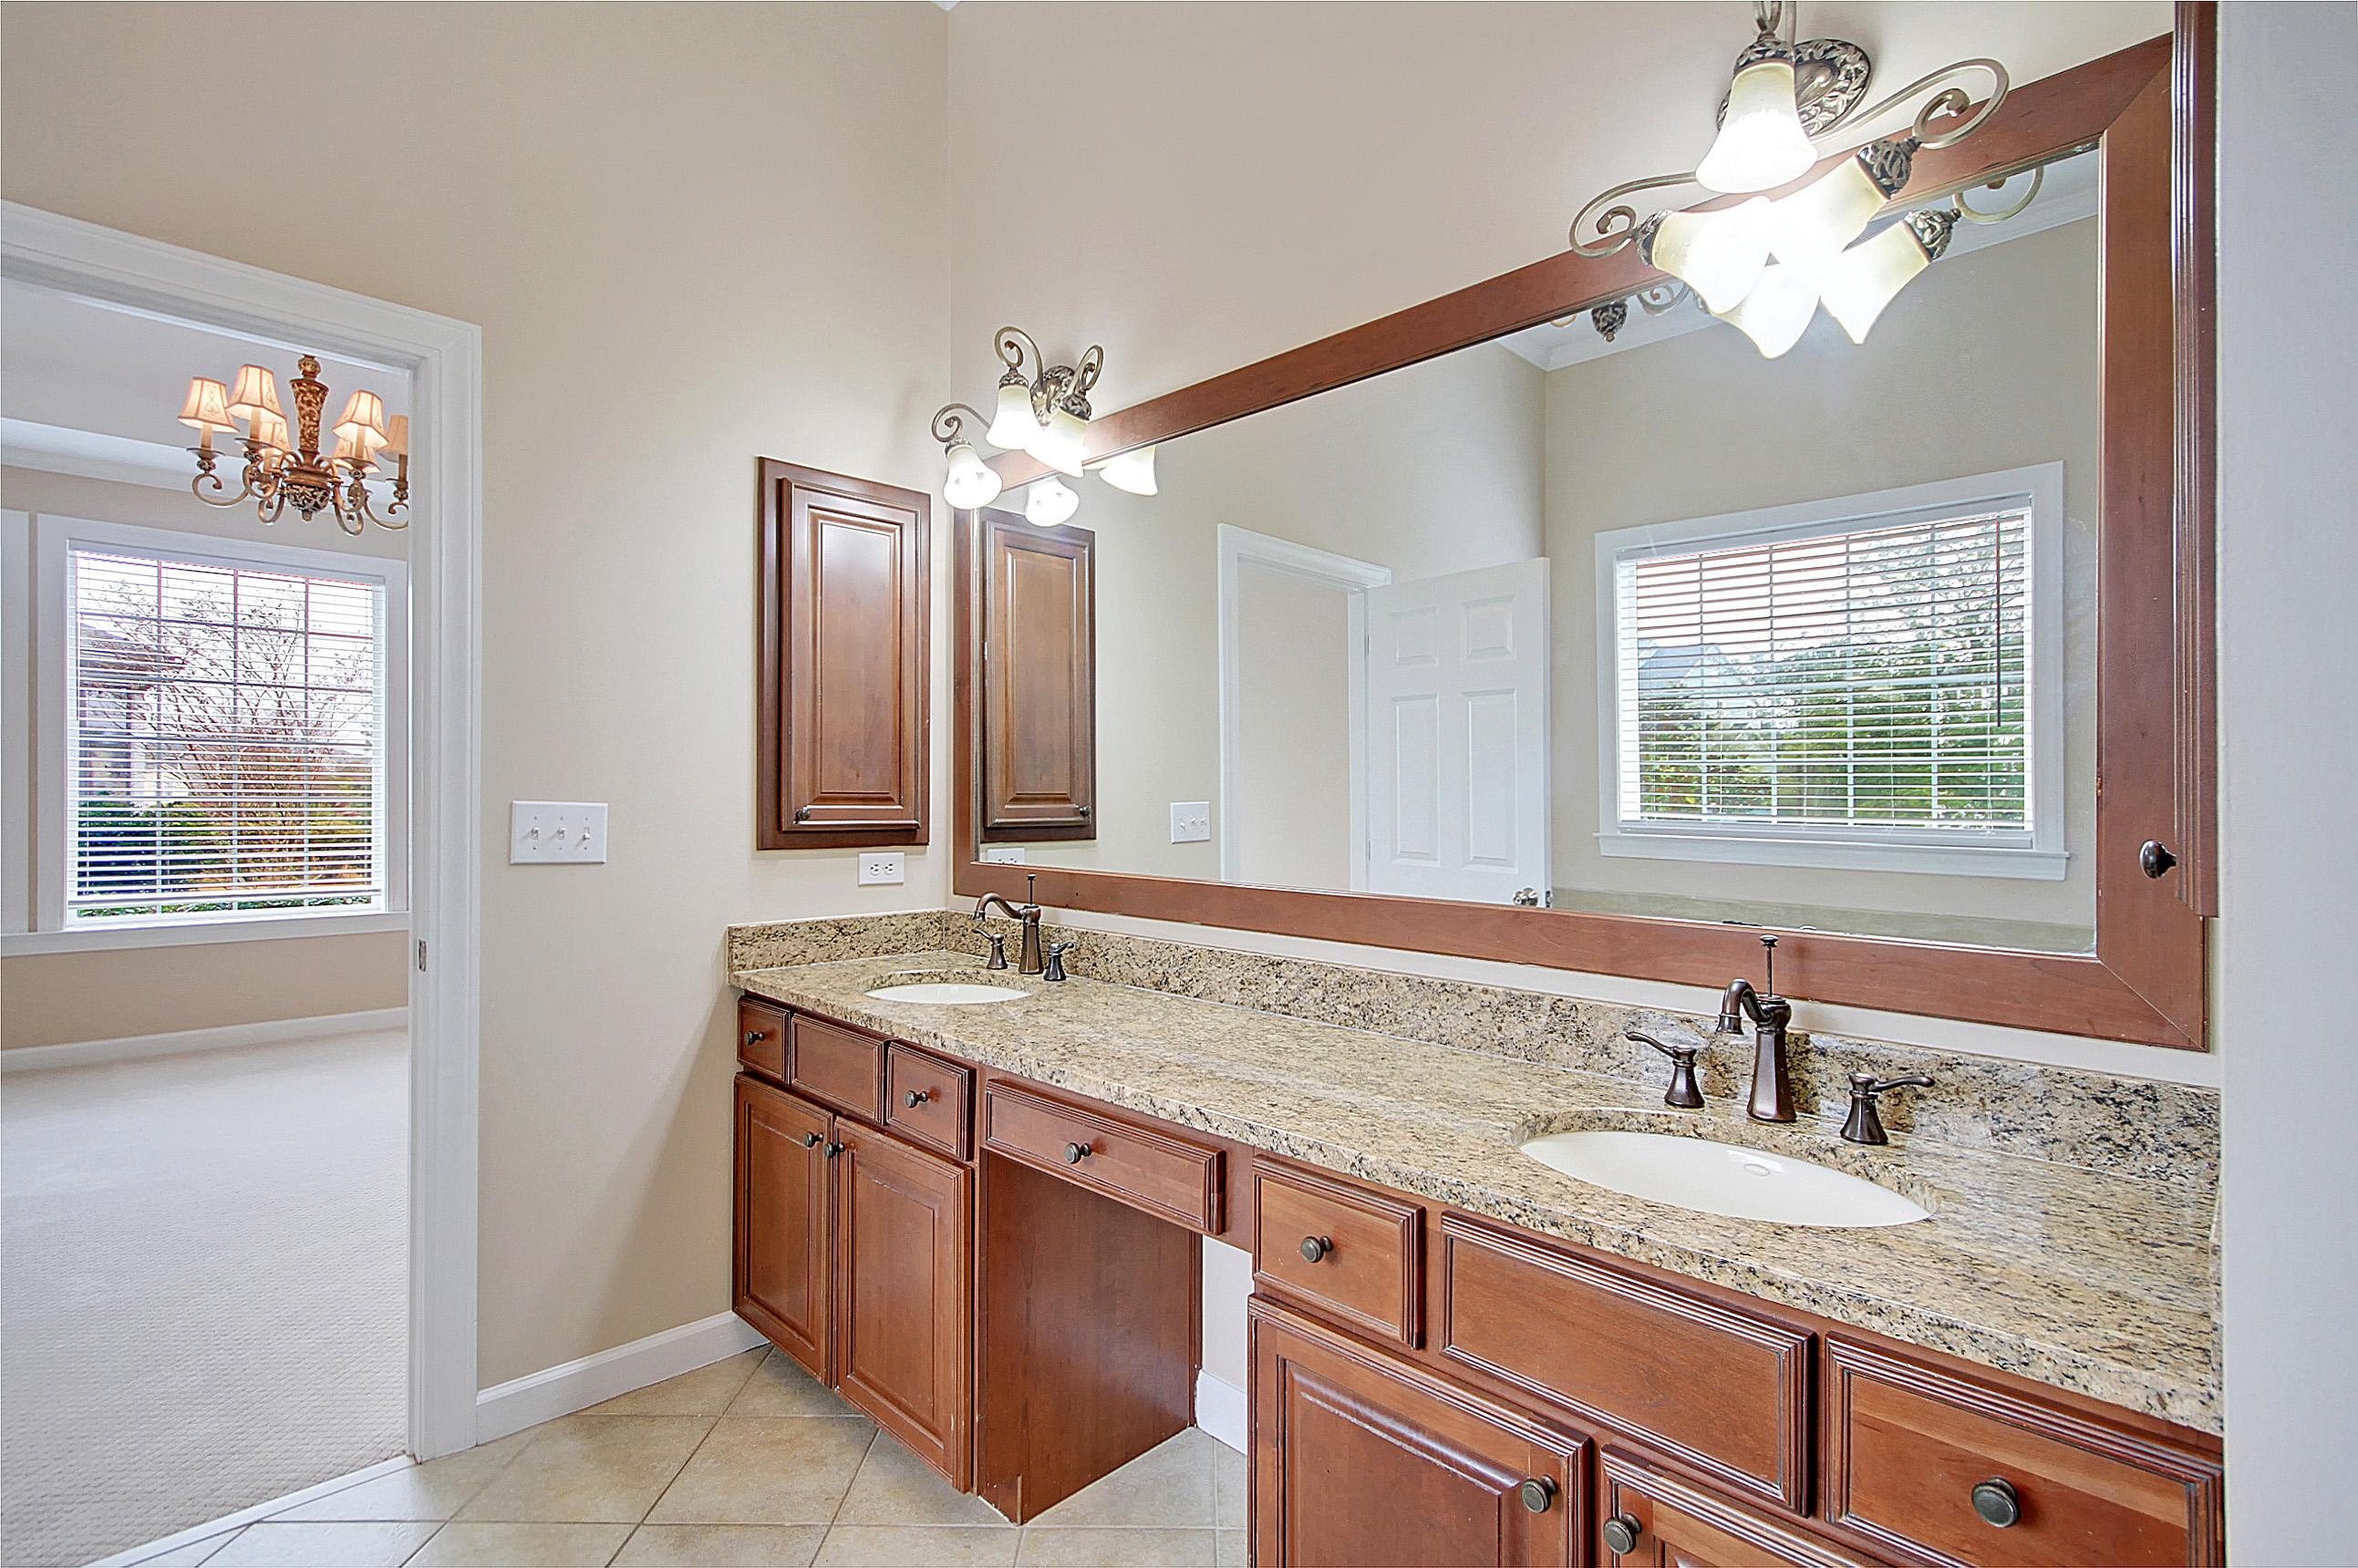 Dunes West Homes For Sale - 1501 Jacaranda, Mount Pleasant, SC - 9